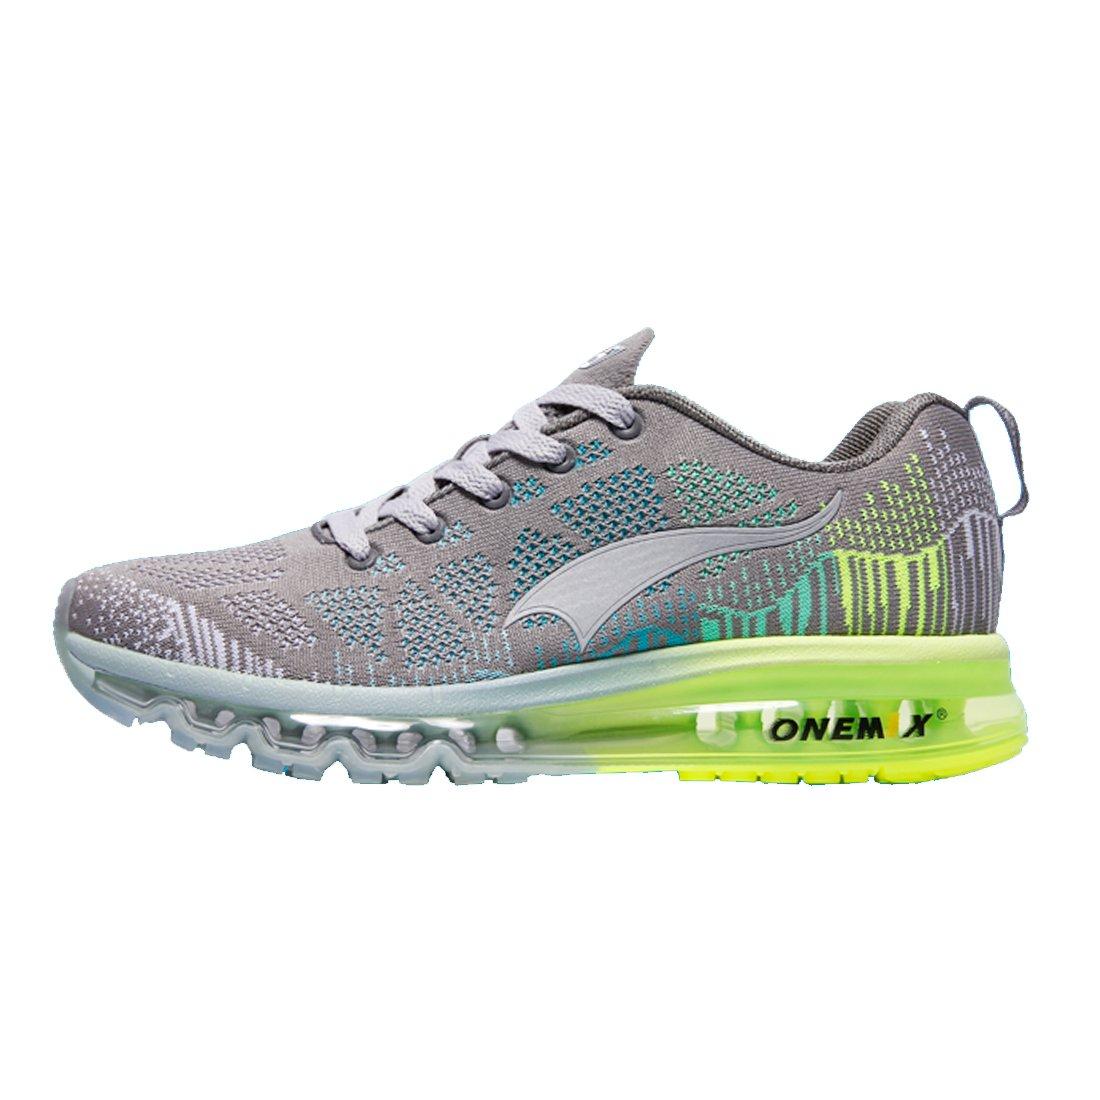 ONEMIX Chaussures de Course pour Homme - 3D Knit Air Max Athletic...